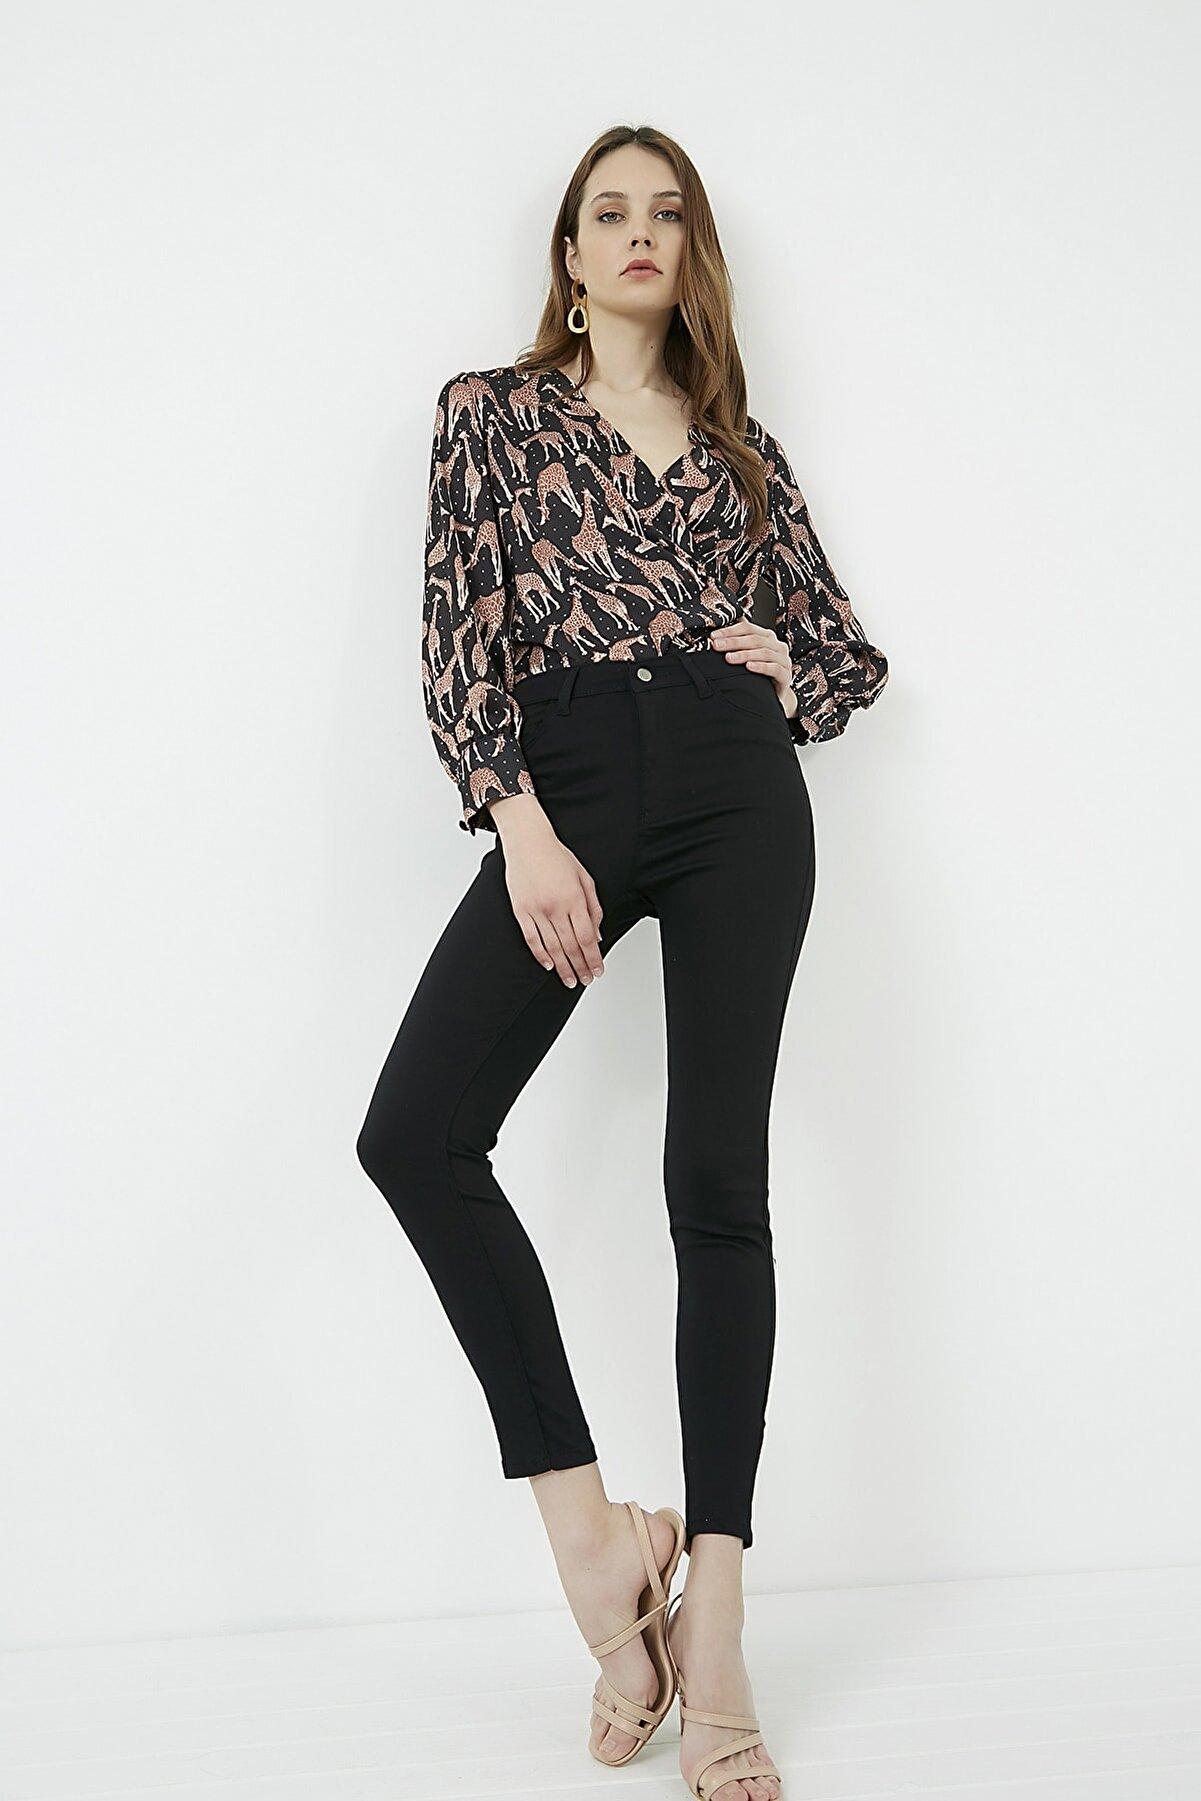 Vis a Vis Kadın Siyah Dar Paça Streç Pantolon  STN911KPA101